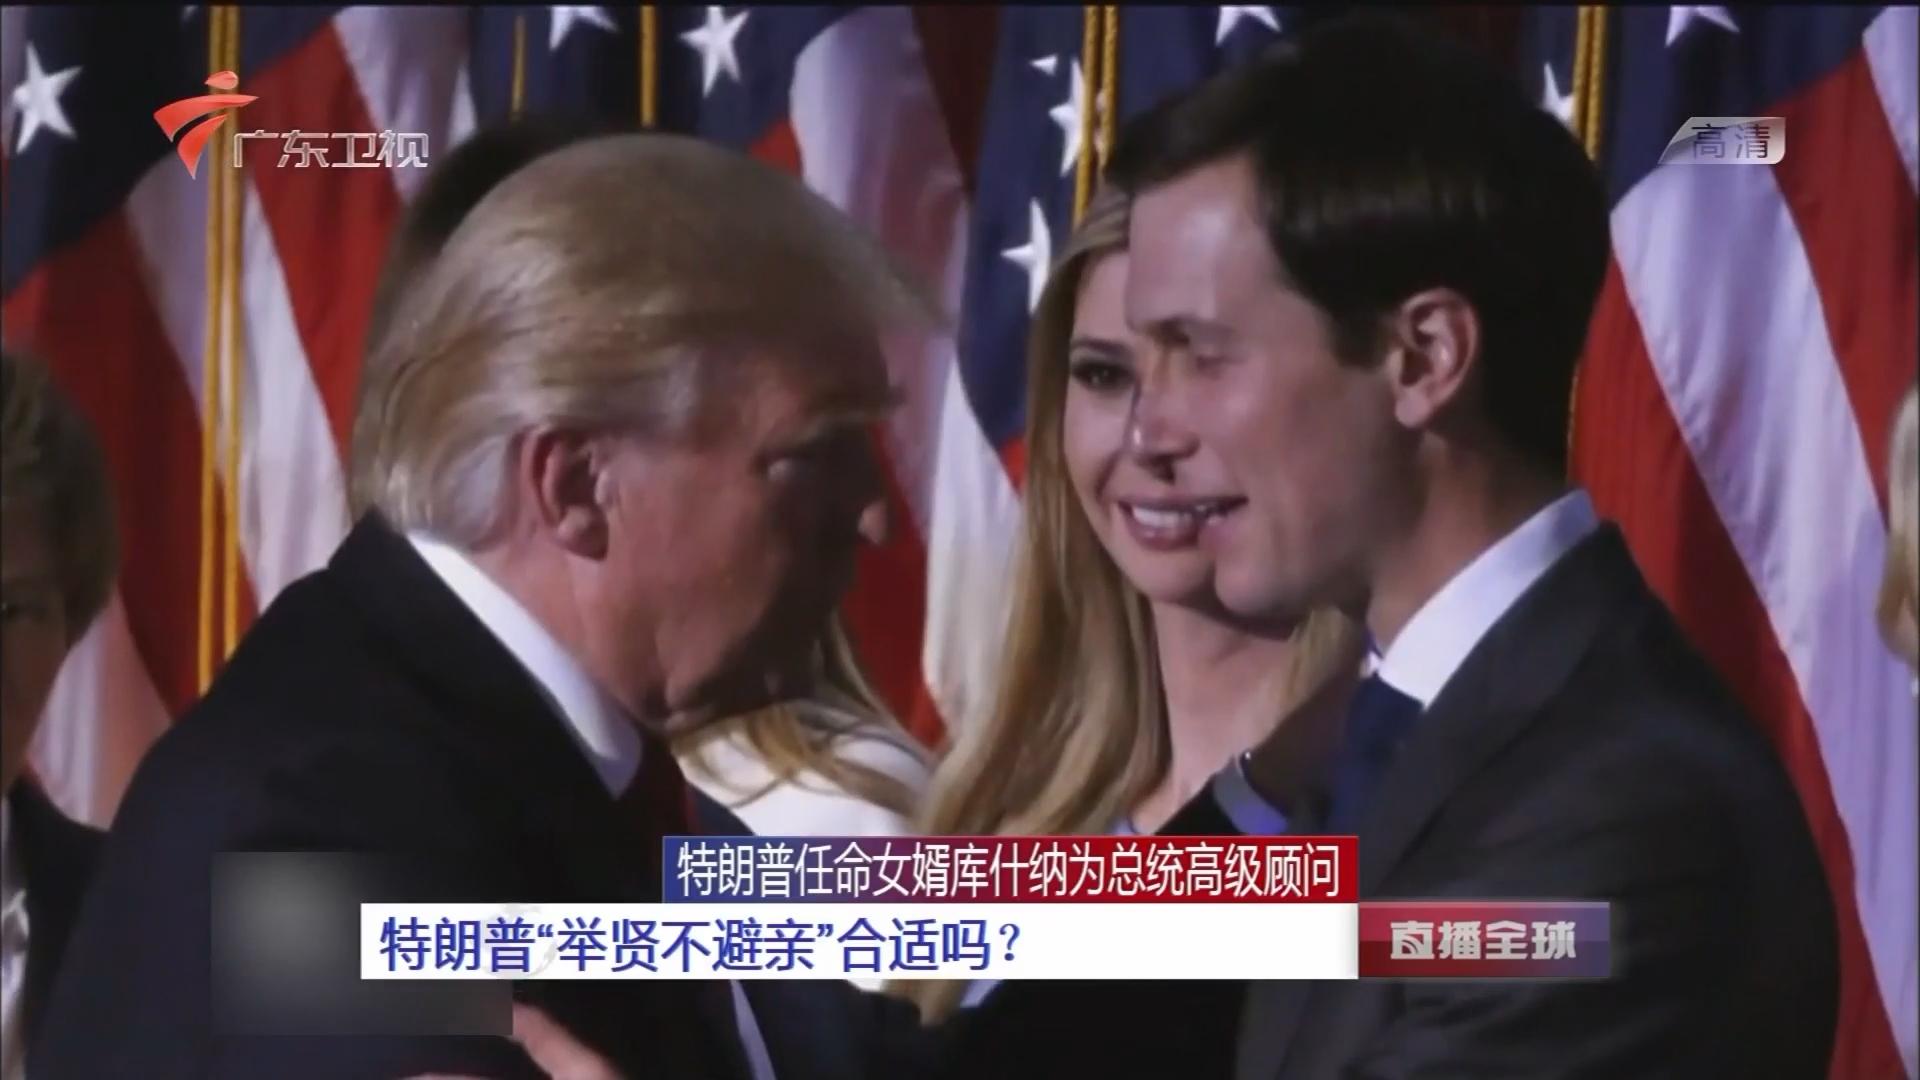 """特朗普任命女婿库什纳为总统高级顾问:特朗普""""举贤不避亲""""合适吗?"""